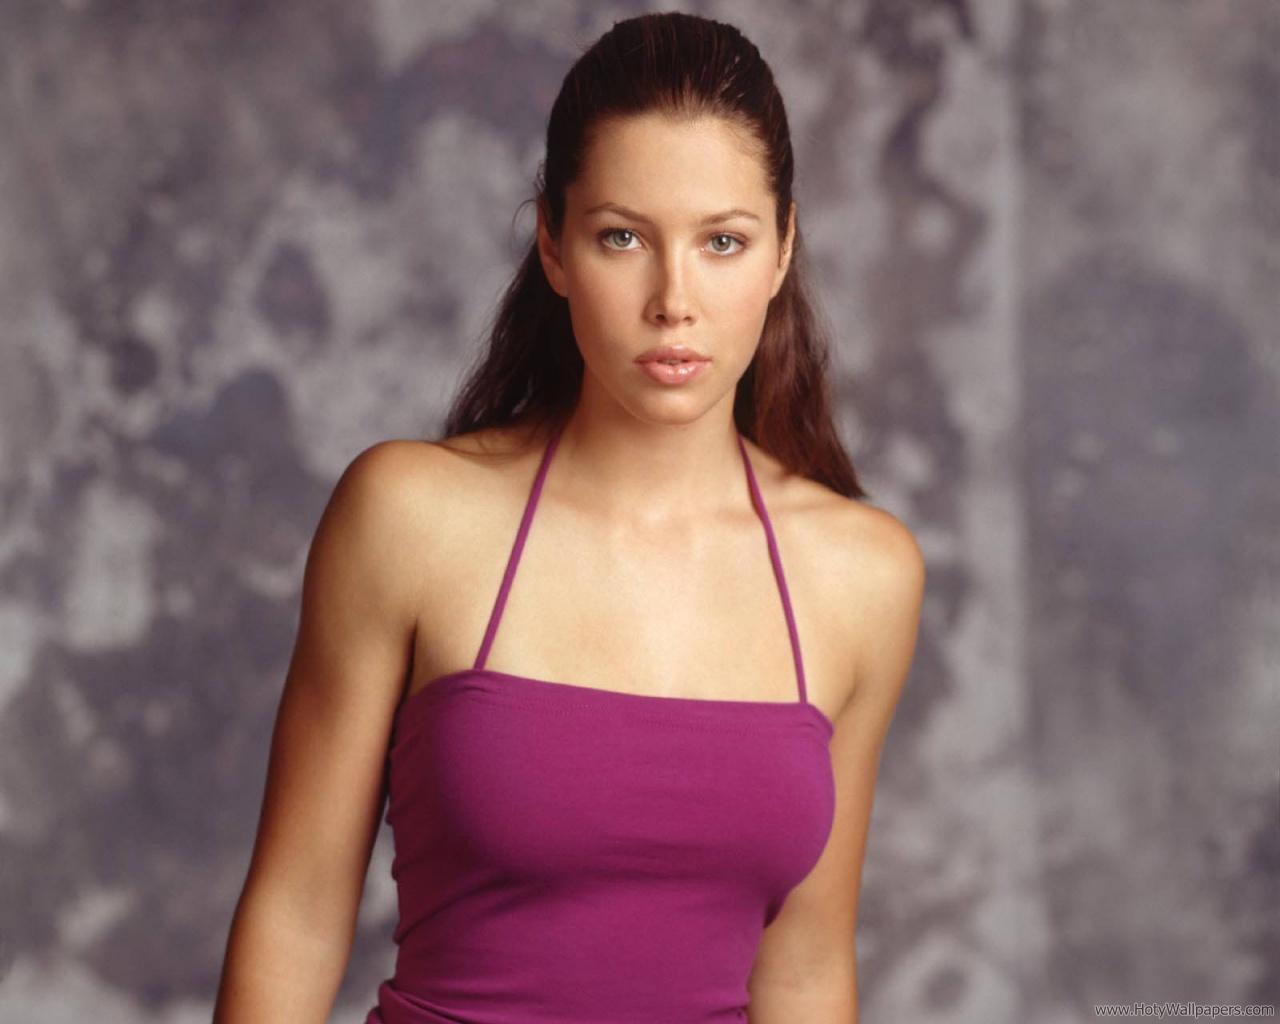 http://4.bp.blogspot.com/-73SRiSaTN6I/ToV9ewcFt7I/AAAAAAAALCw/JrQn3bvkz1k/s1600/jessica_biel_looking_glamorous.jpg